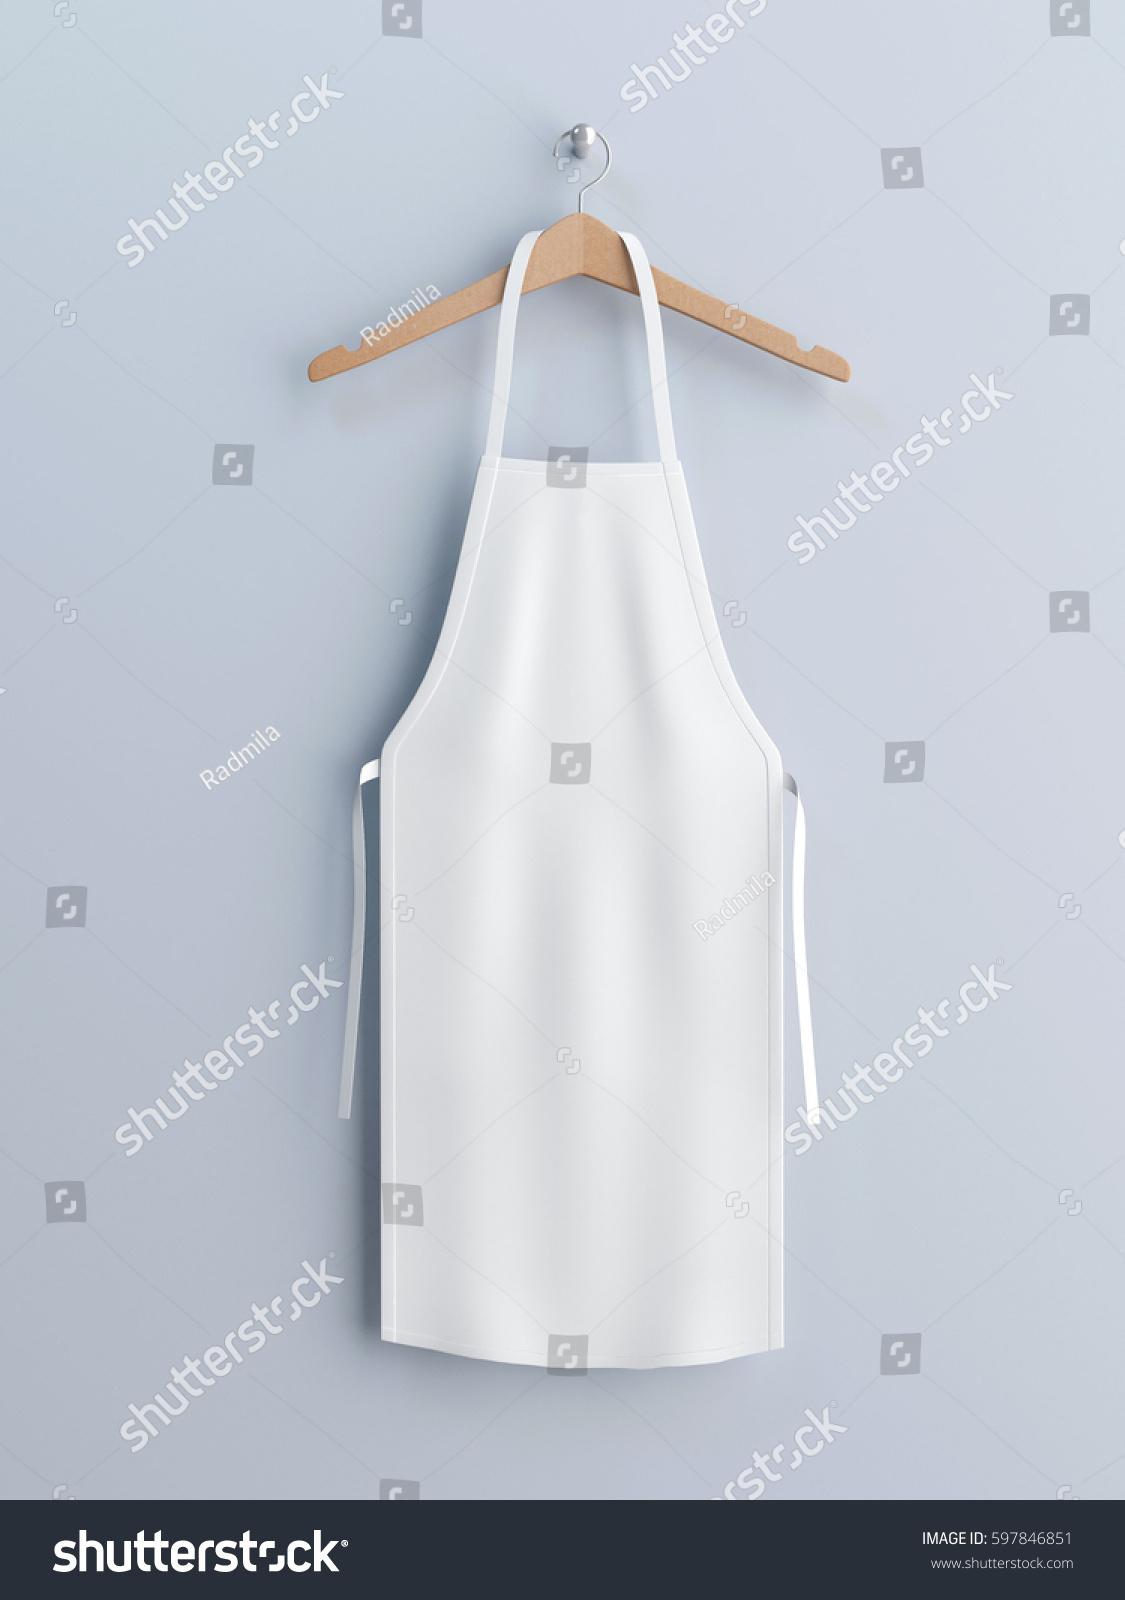 White apron mockup - White Apron Apron Mockup On Clothes Hander 3d Rendering